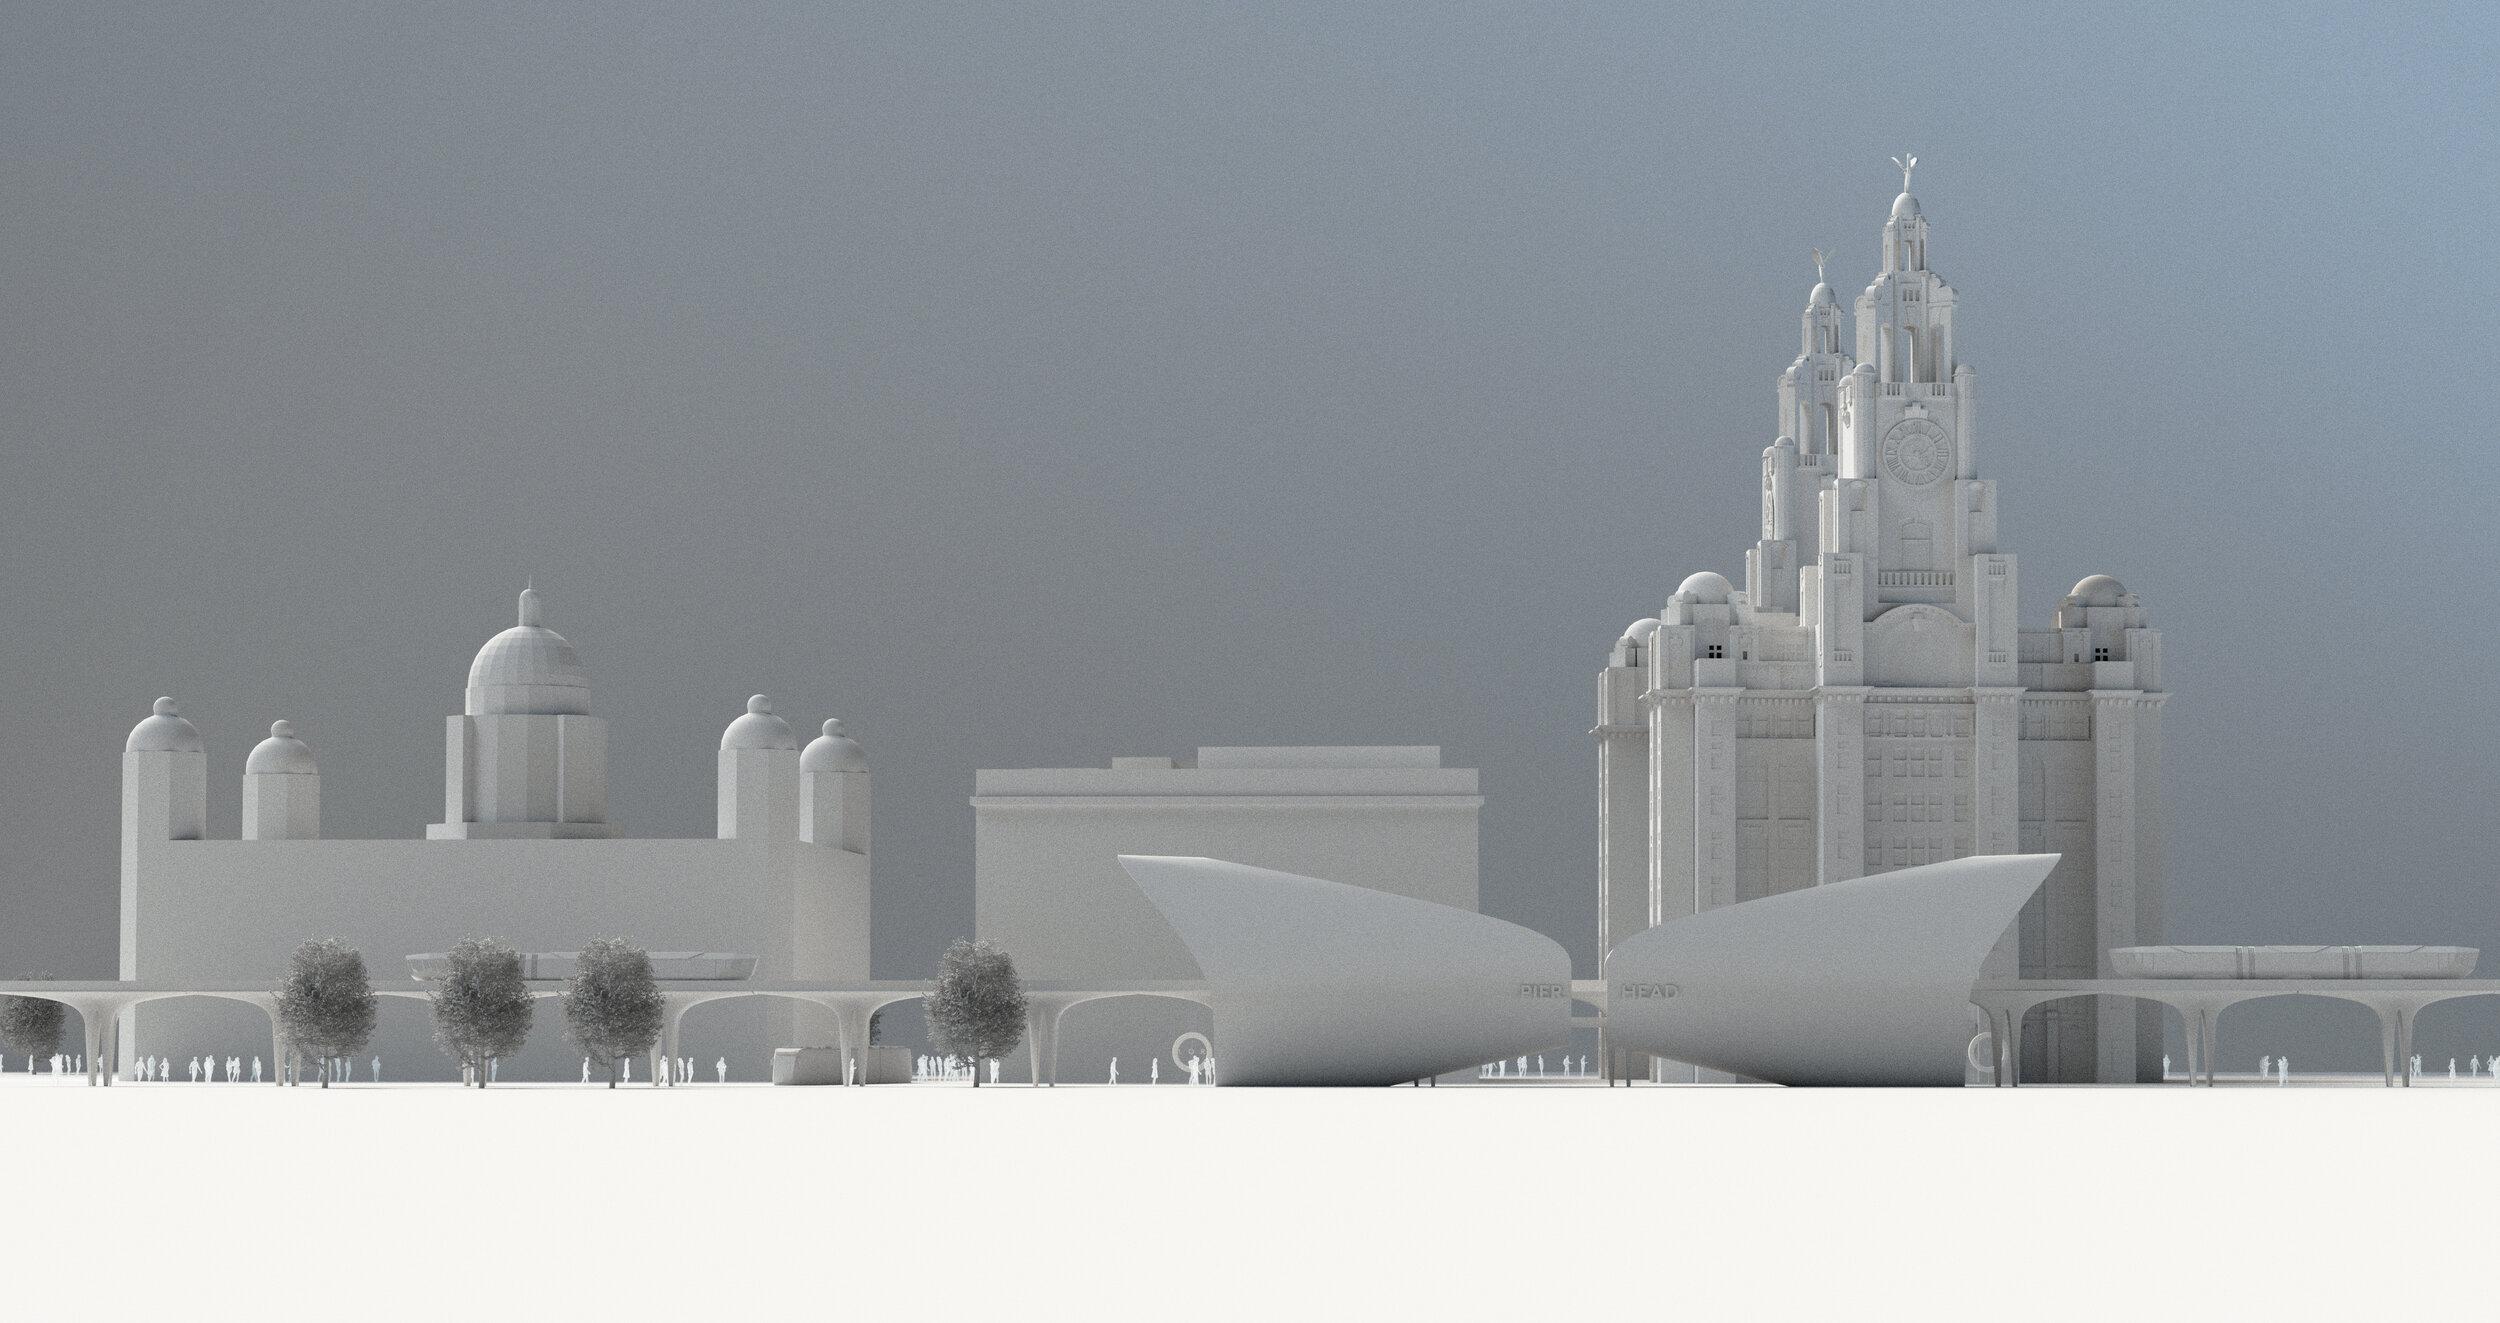 Liverpool Overhead Railway CGI Fantasist Pier Head Station